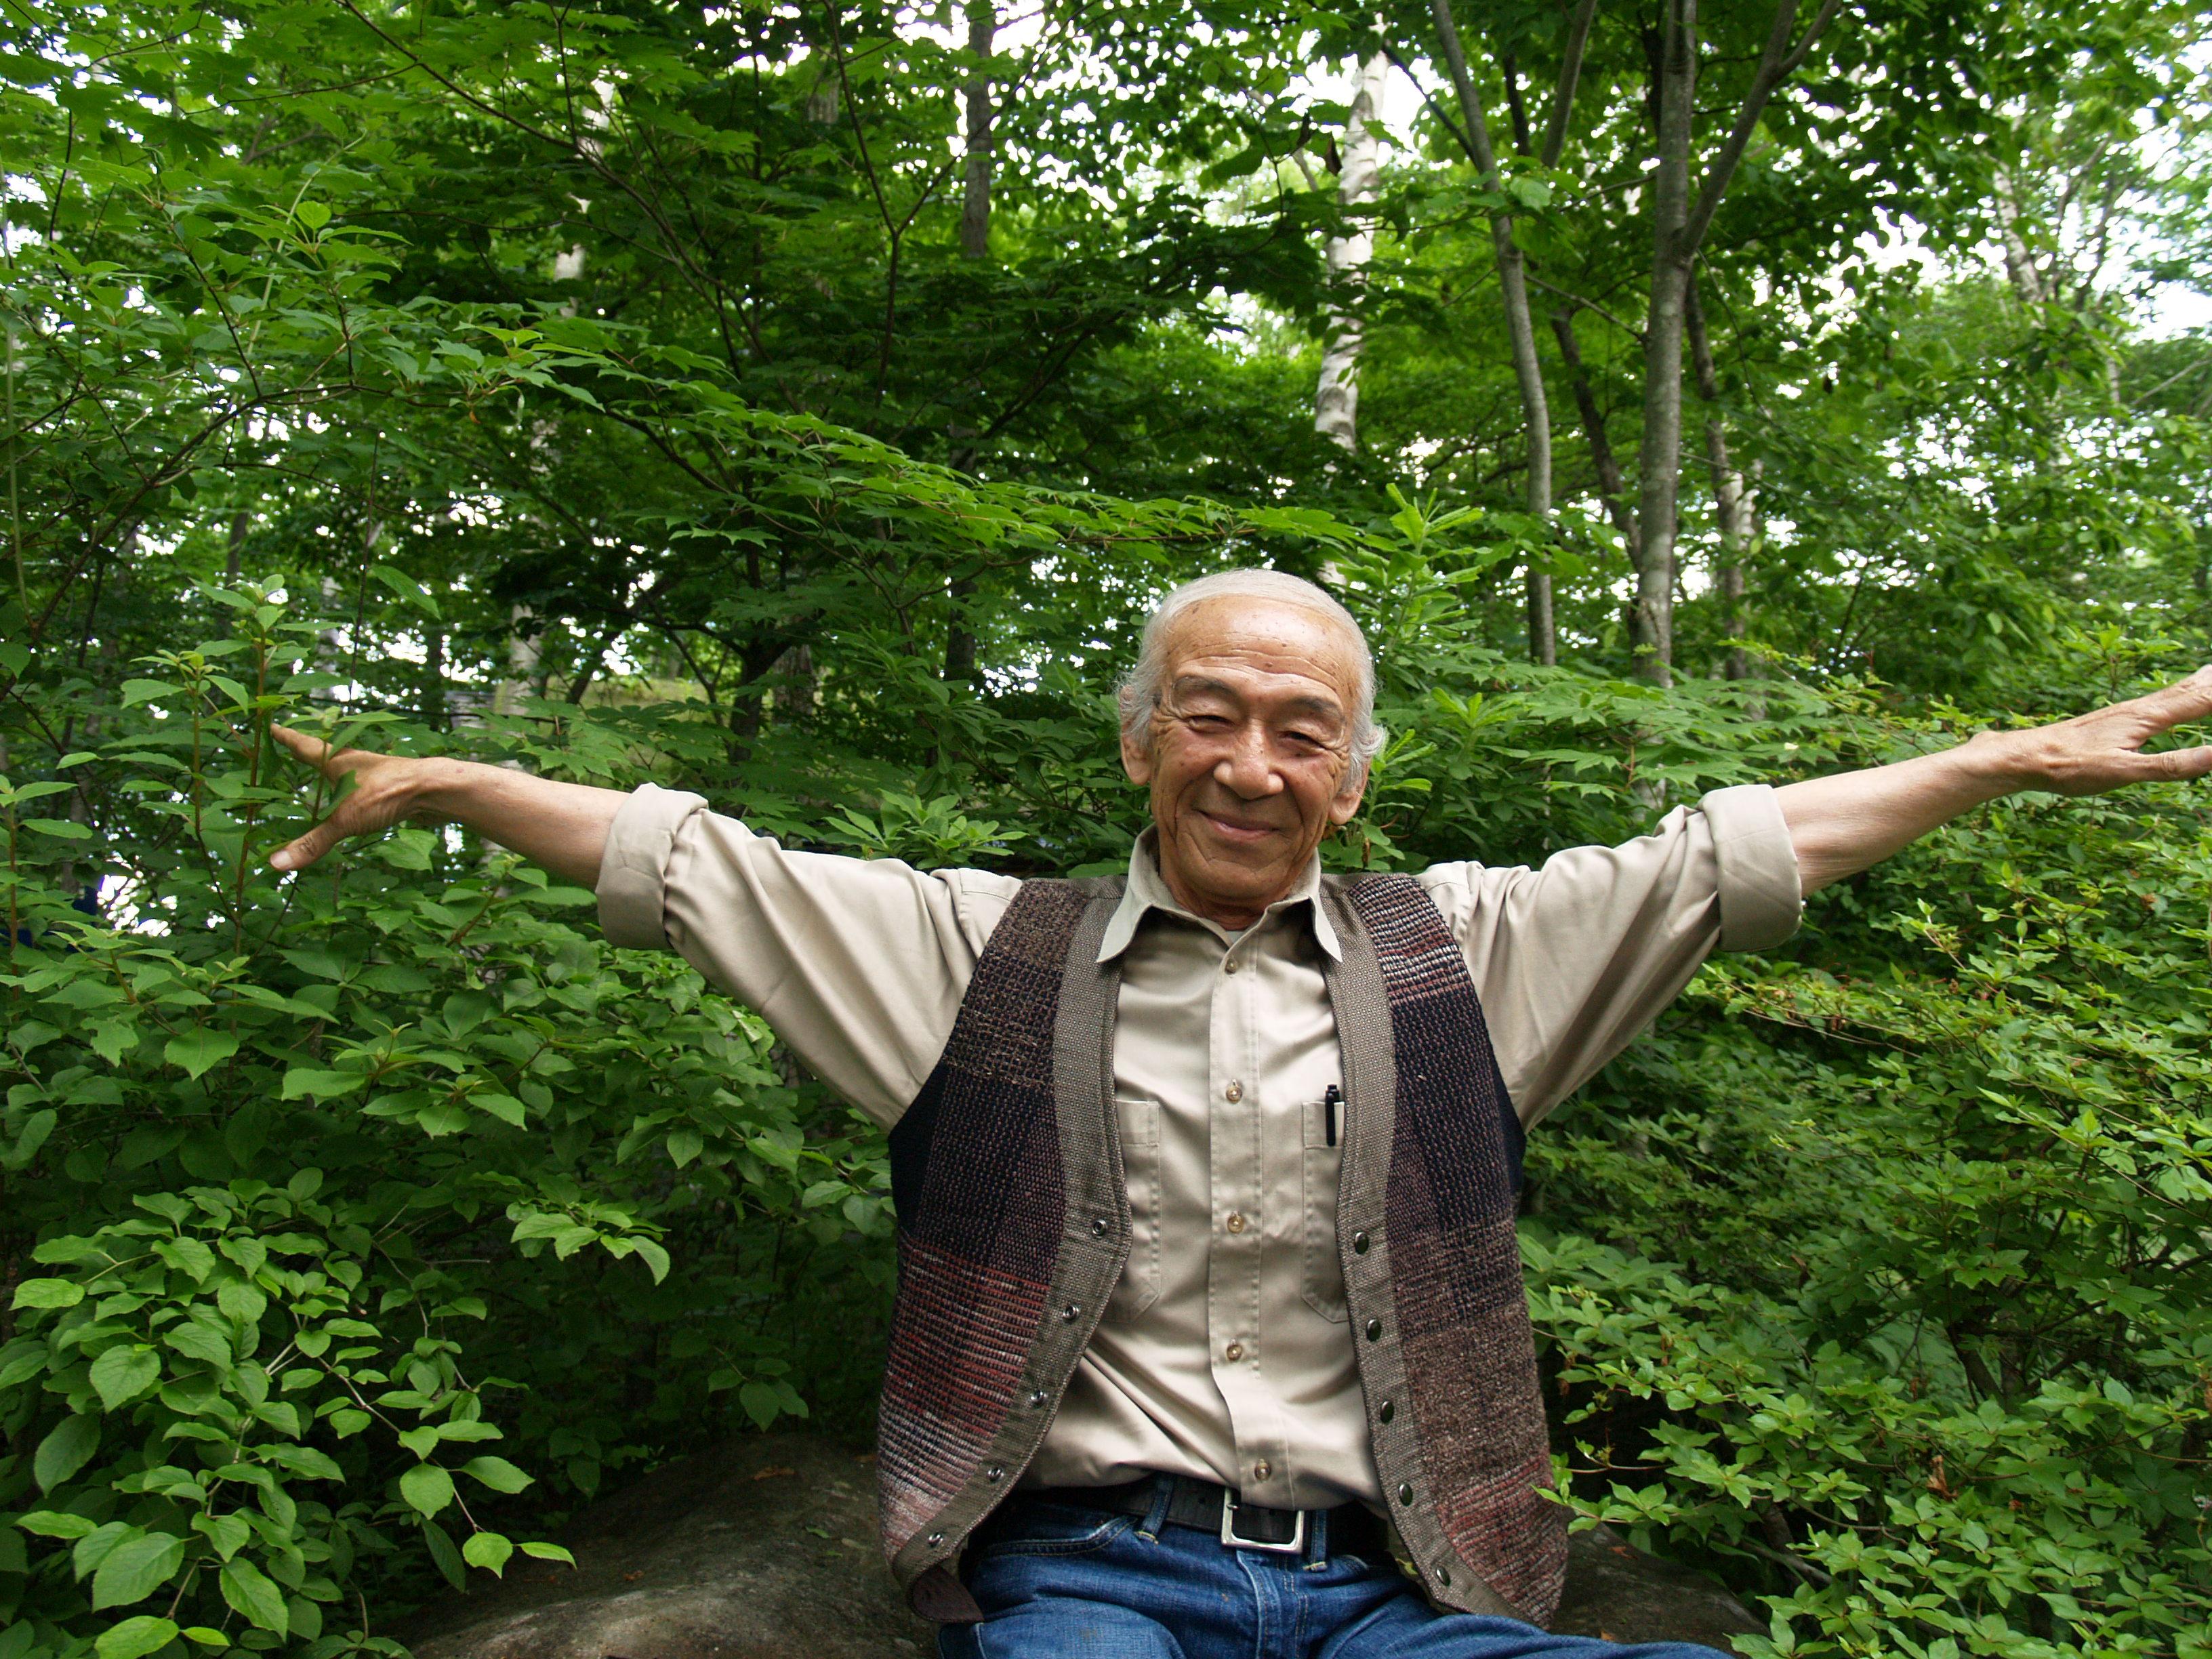 「死ぬことは本当に悲しいことなのか?」長男の闘病、そして死/柳生博さんインタビュー